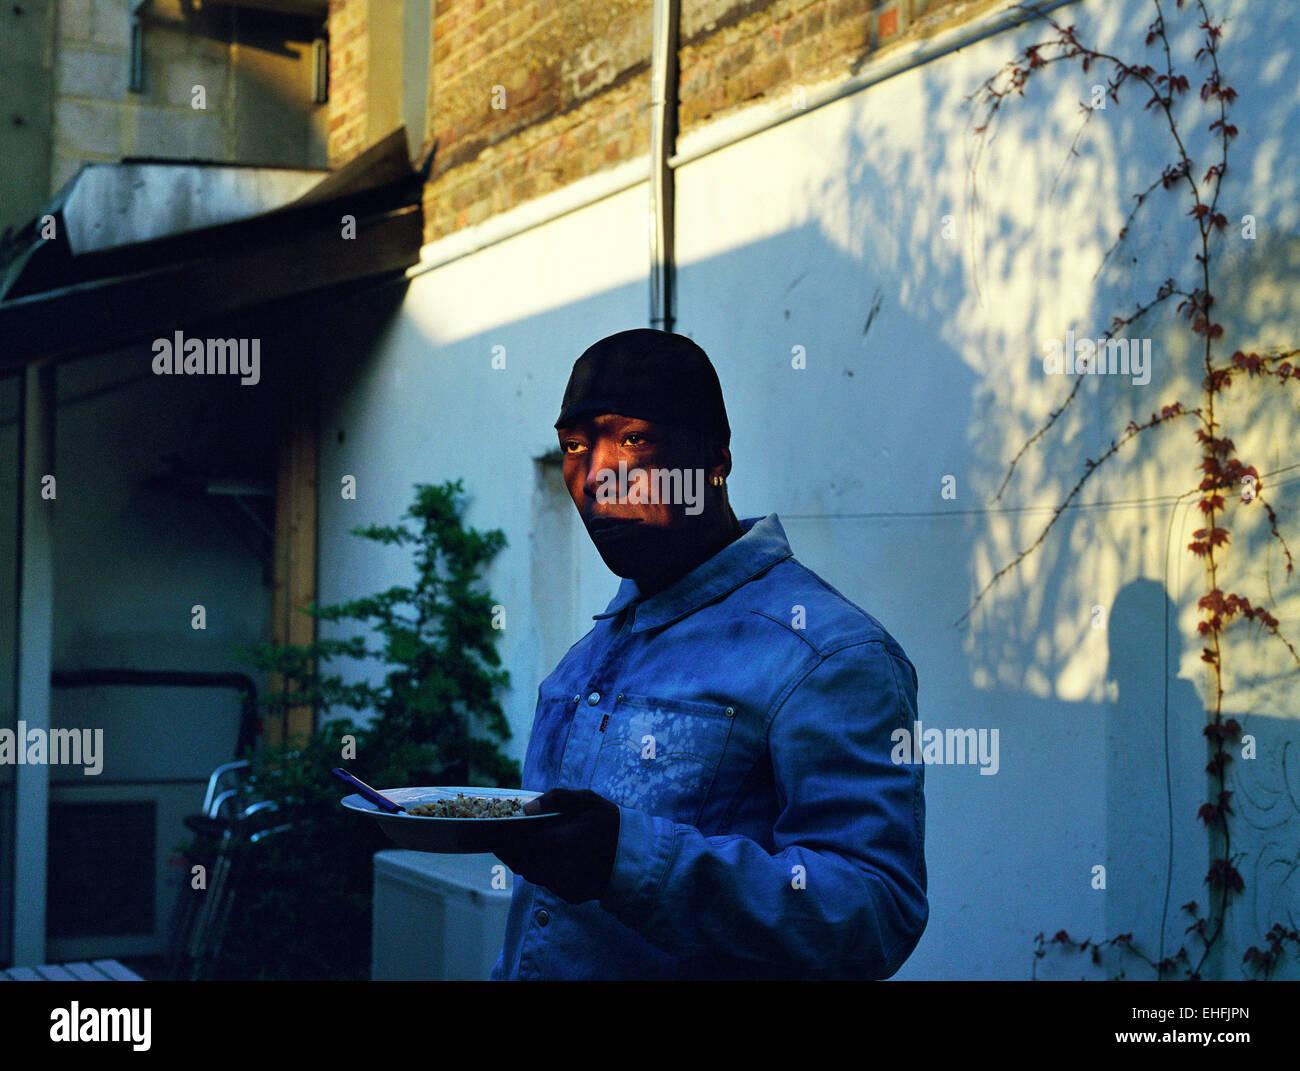 Portrait of Rubi Dan in Tooting South London. - Stock Image